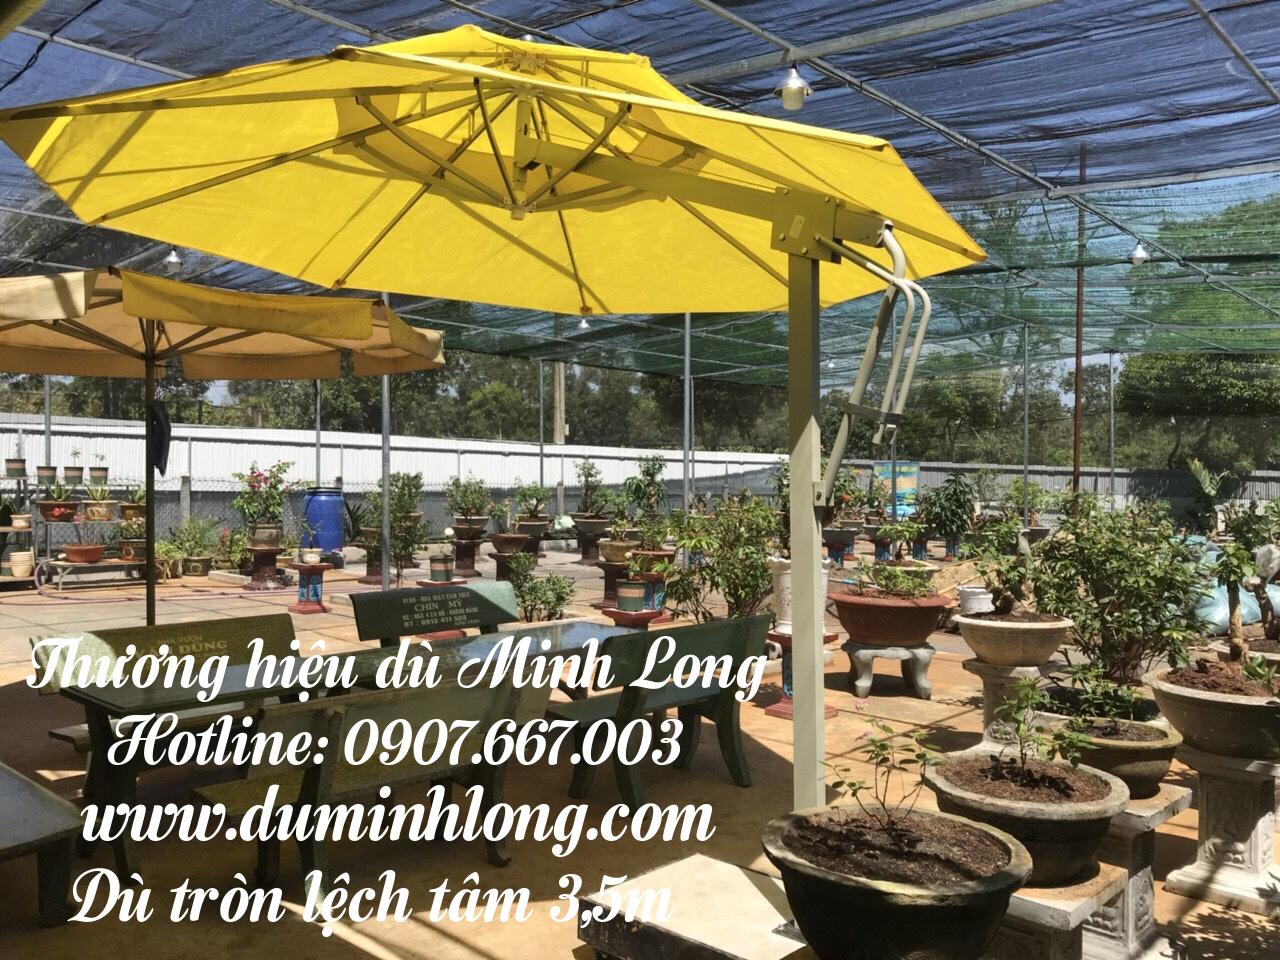 Dù che nắng tại Bình Tân rất được ưa chuộng tại các quán xá, cửa hàng